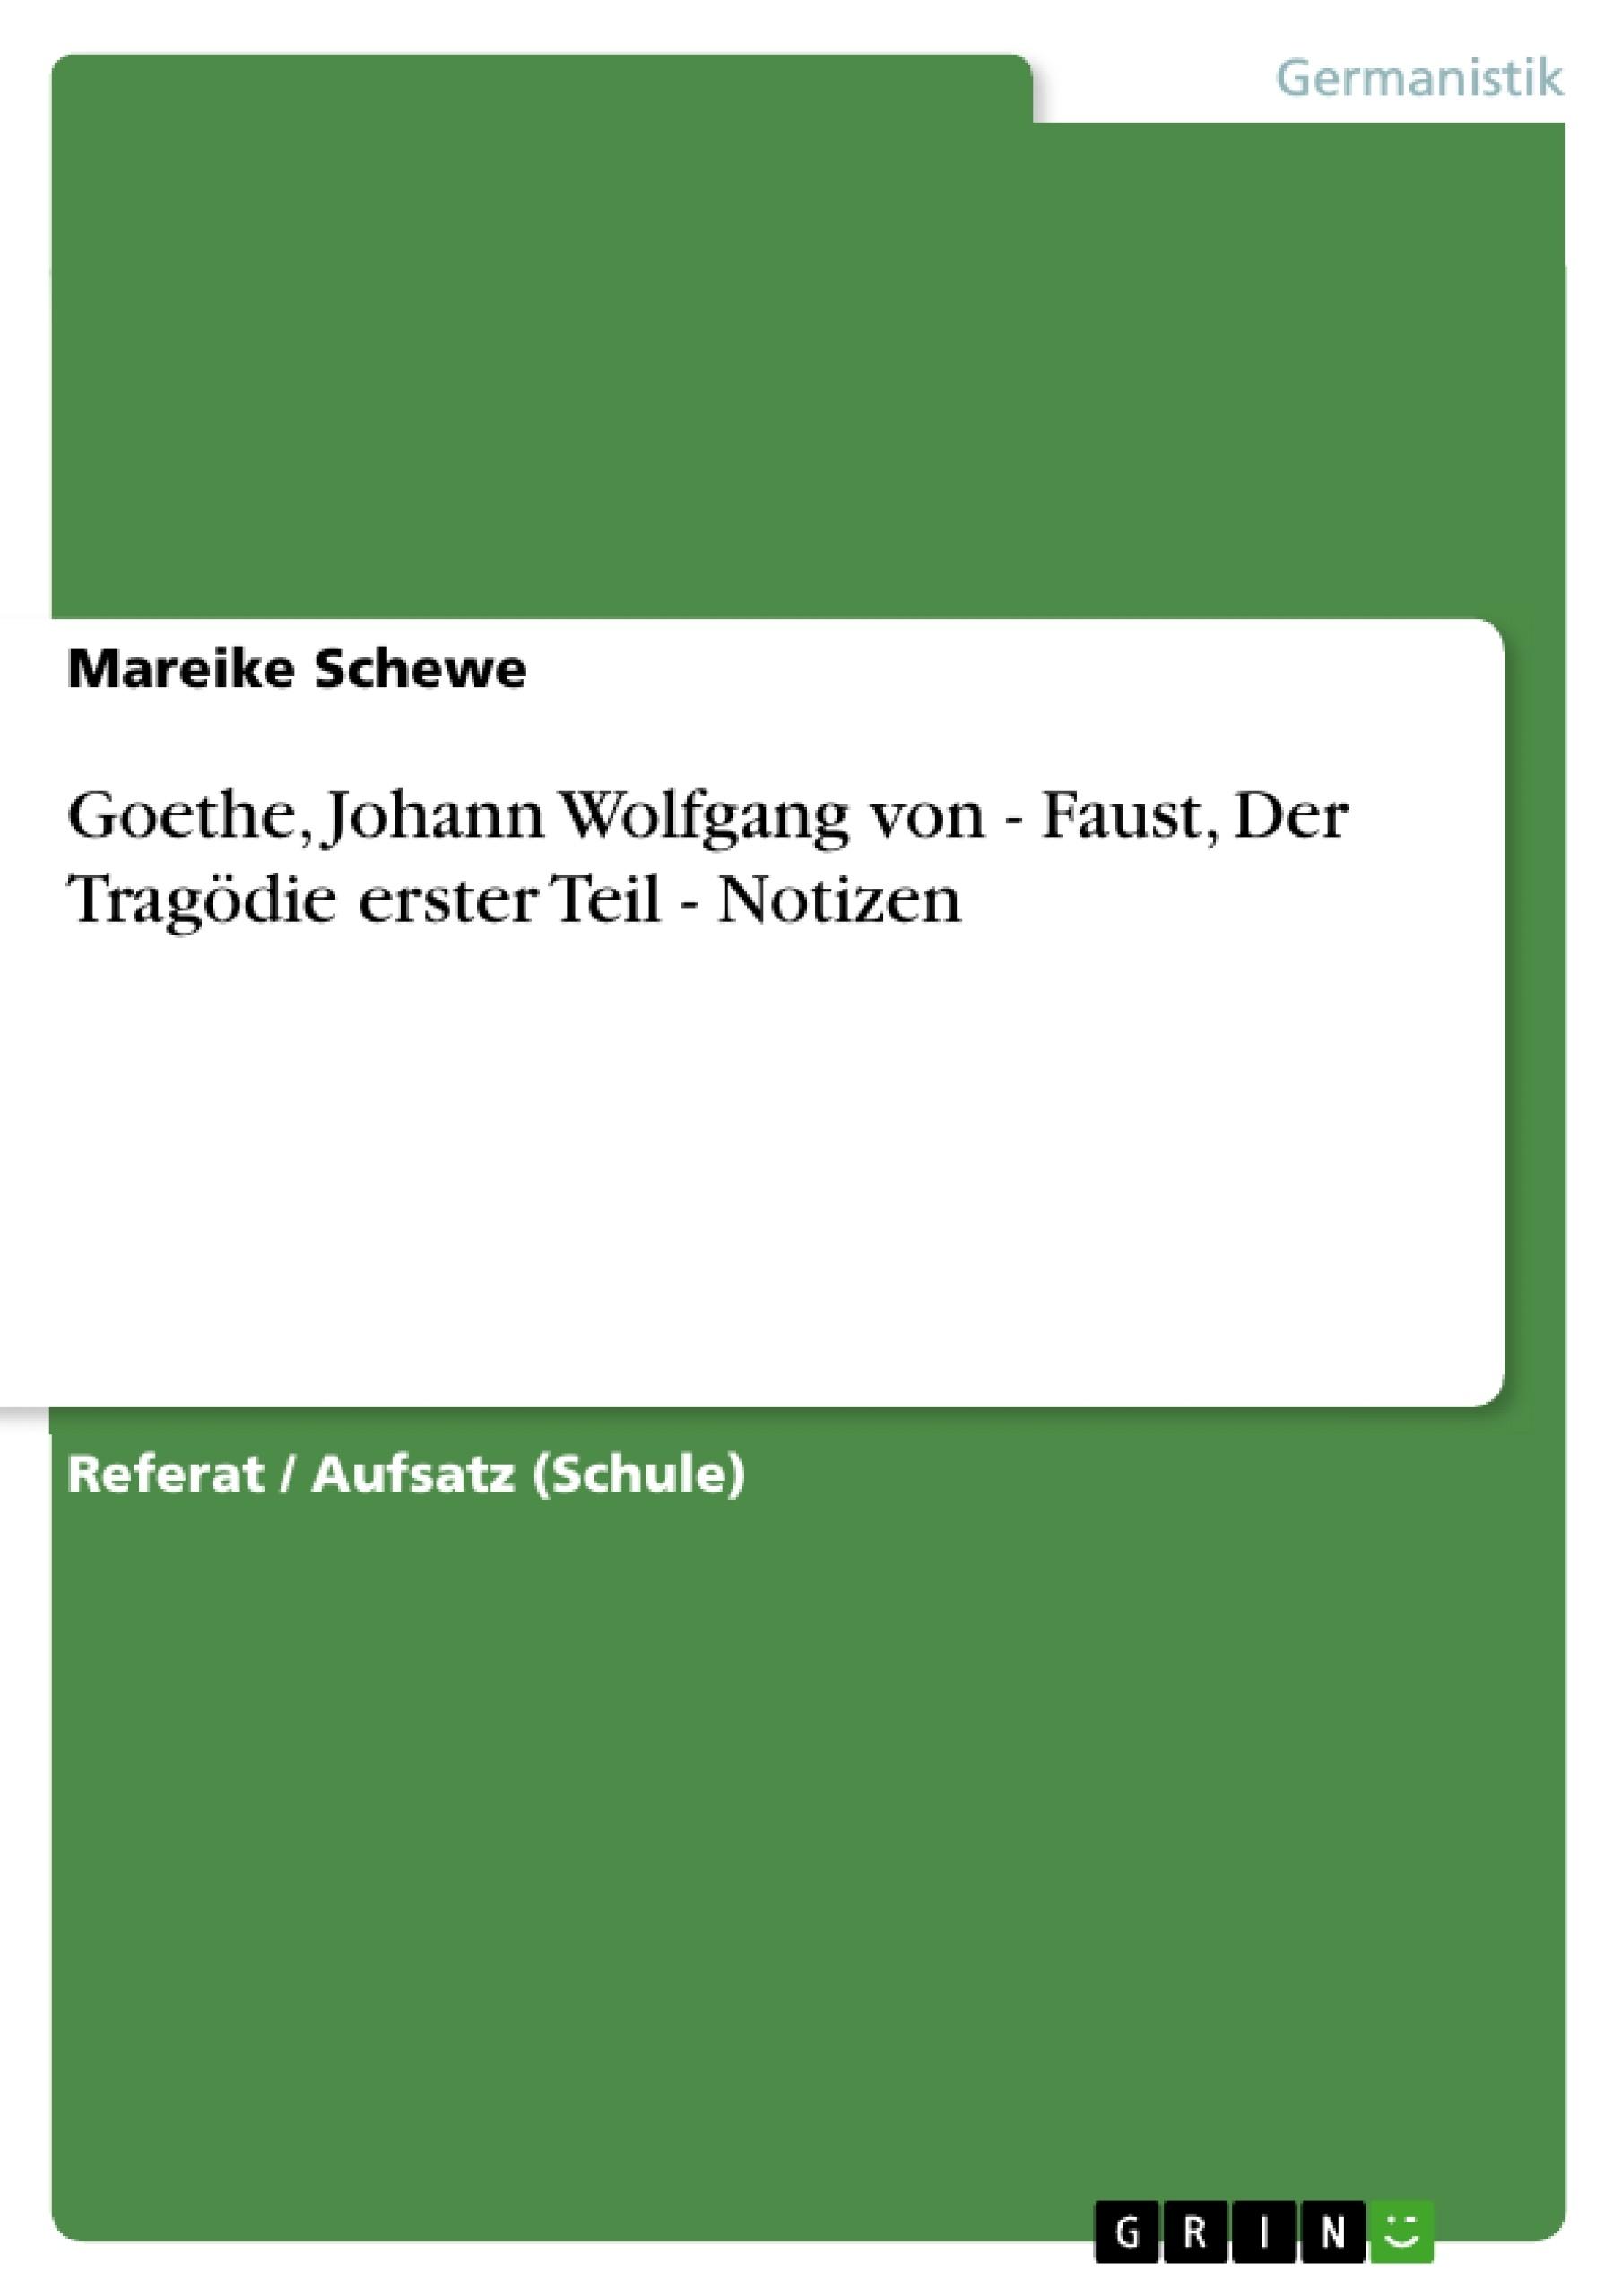 Titel: Goethe, Johann Wolfgang von - Faust, Der Tragödie erster Teil - Notizen